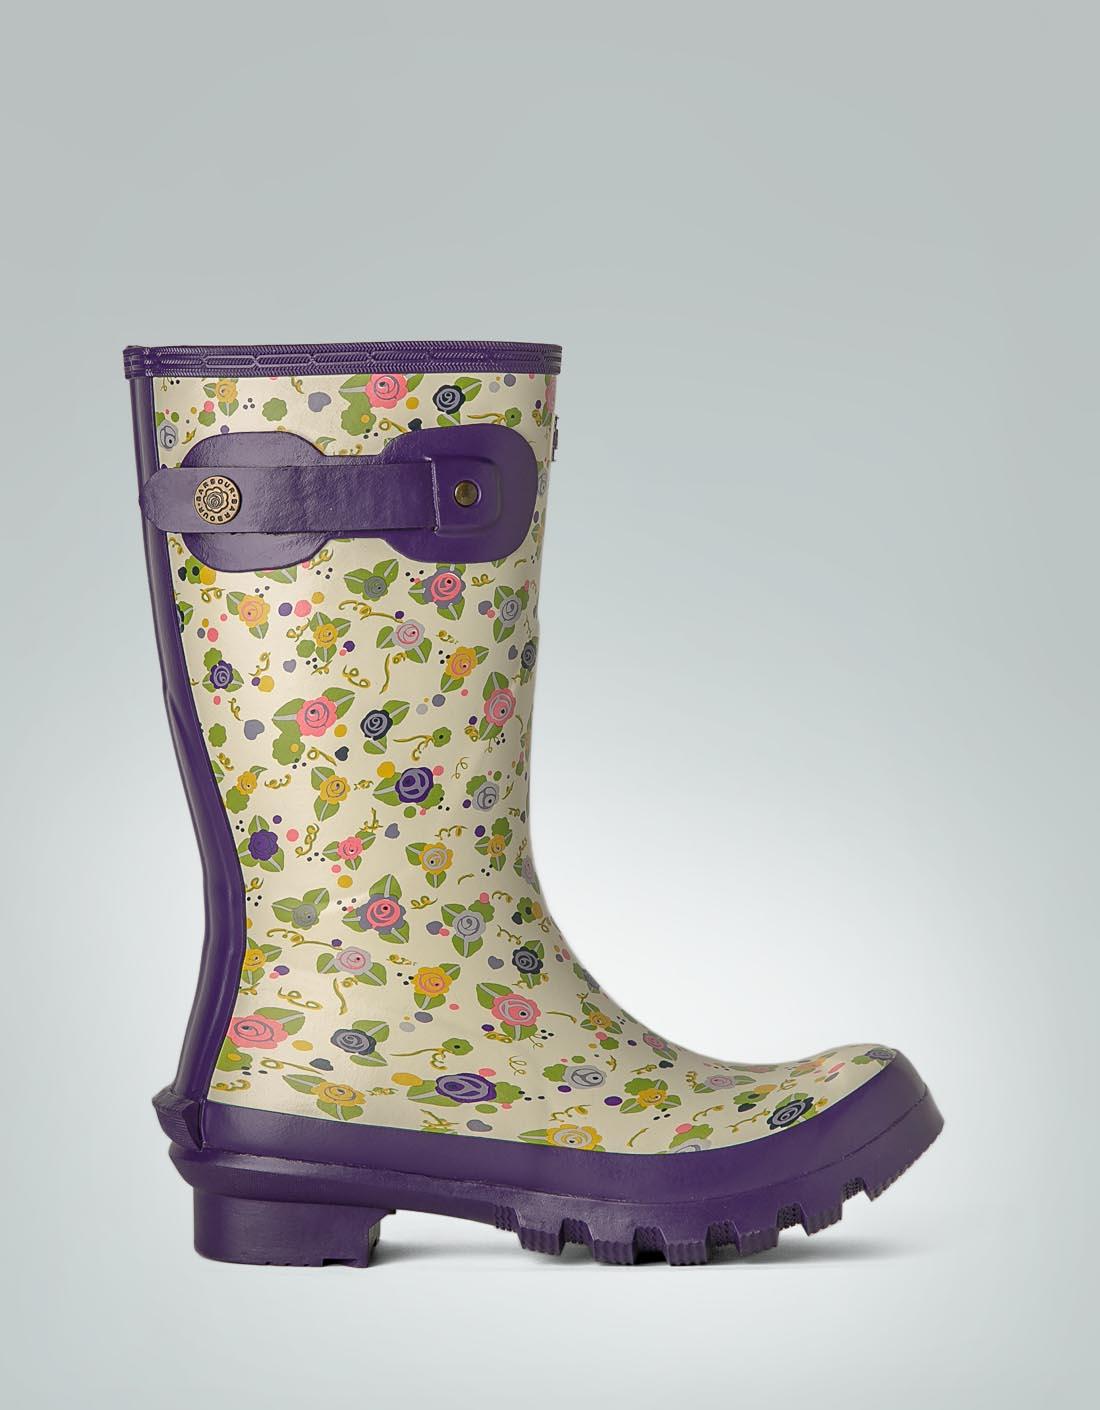 hot sale online 54957 8aa6a Barbour Damen Gummistiefel mit Blumen-Print empfohlen von ...